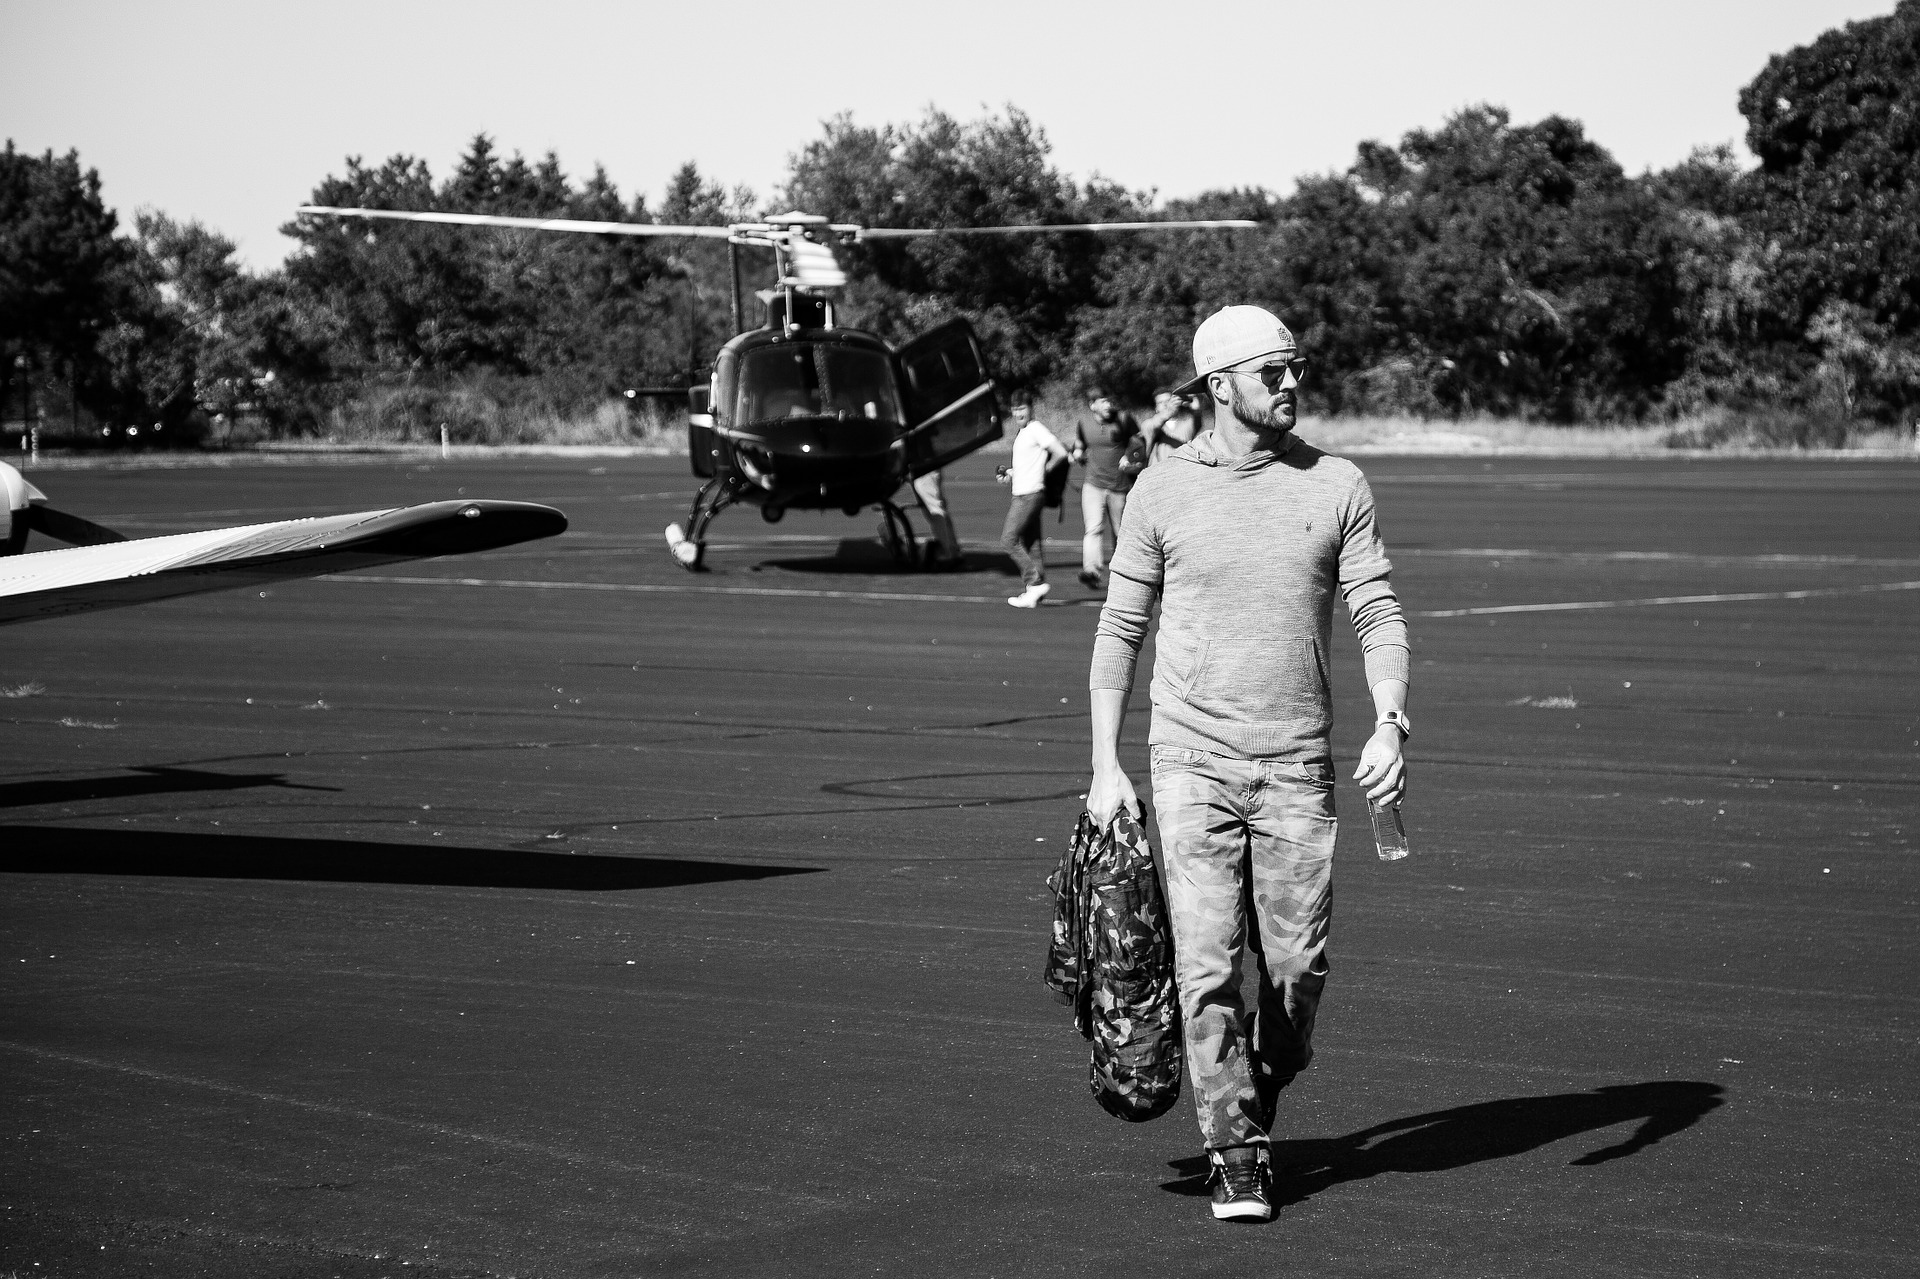 Lån penge til et helikoptercertifikat